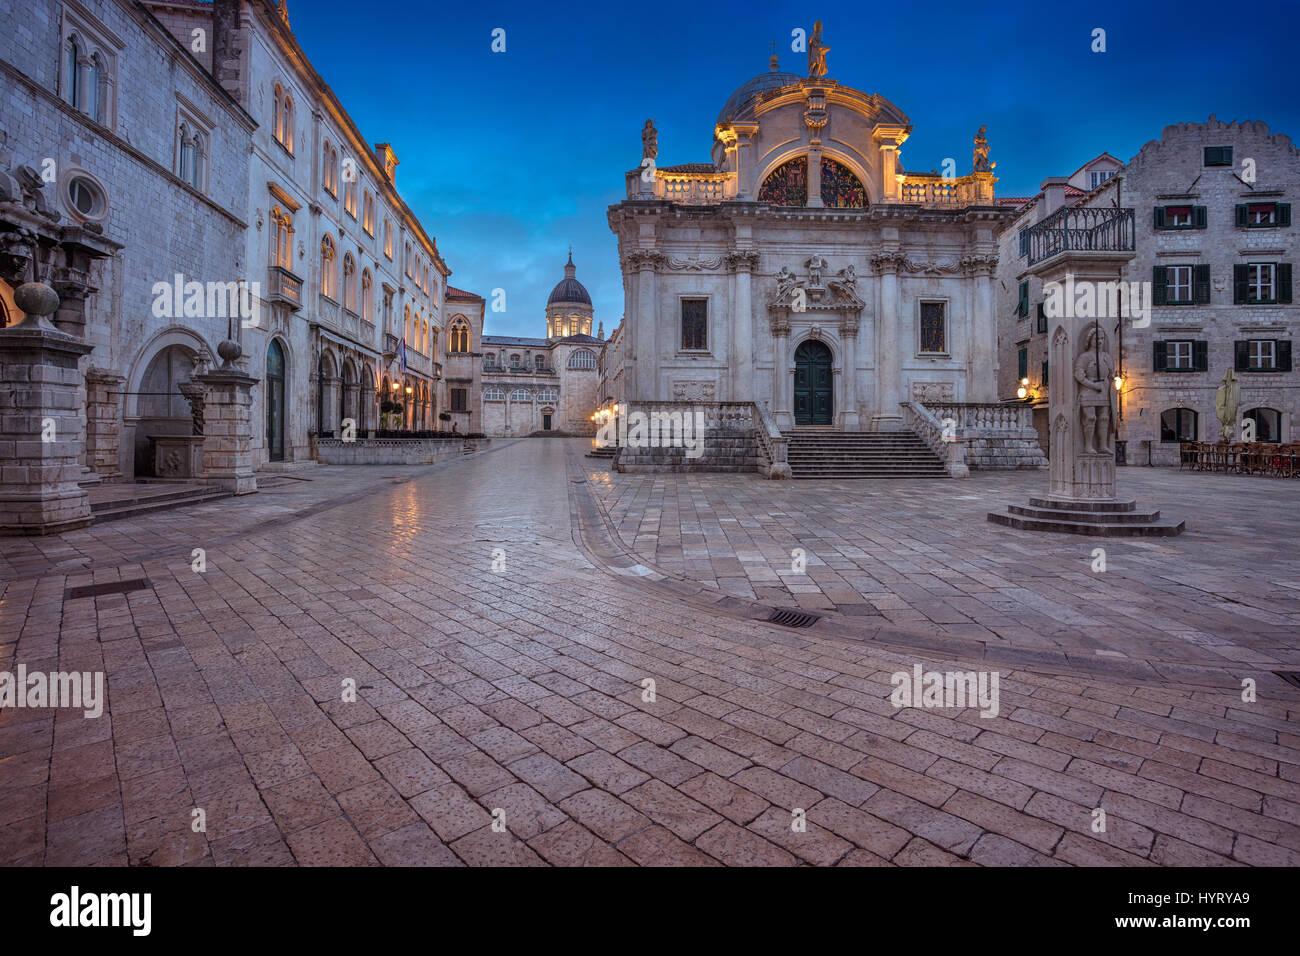 Dubrovnik. Schönen romantischen Gassen der Altstadt von Dubrovnik im blauen Dämmerstunde. Stockbild